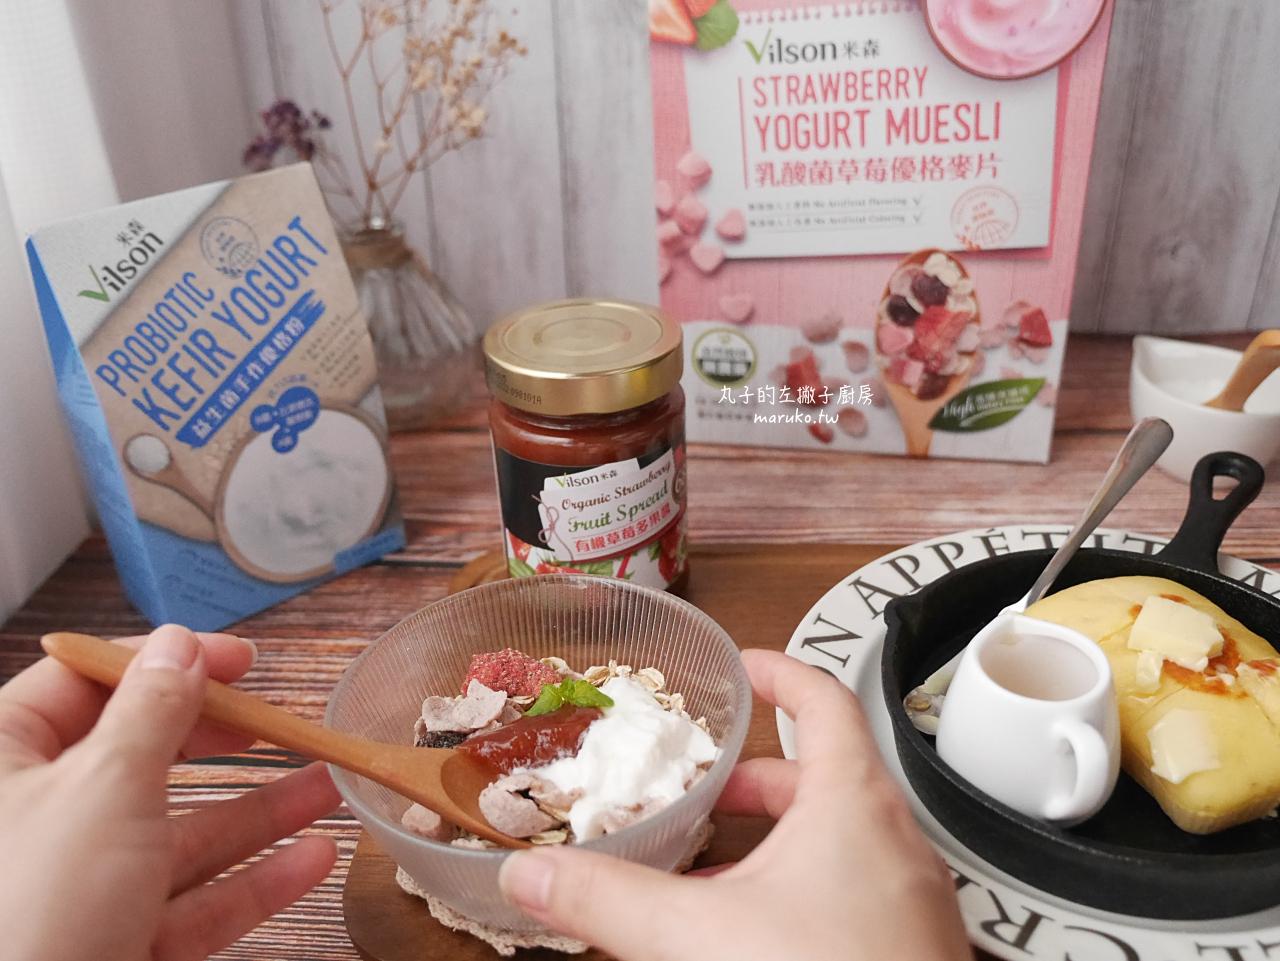 【食譜】不需要機器的優格做法 用優格做提拉米蘇 米森有機 @Maruko與美食有個約會